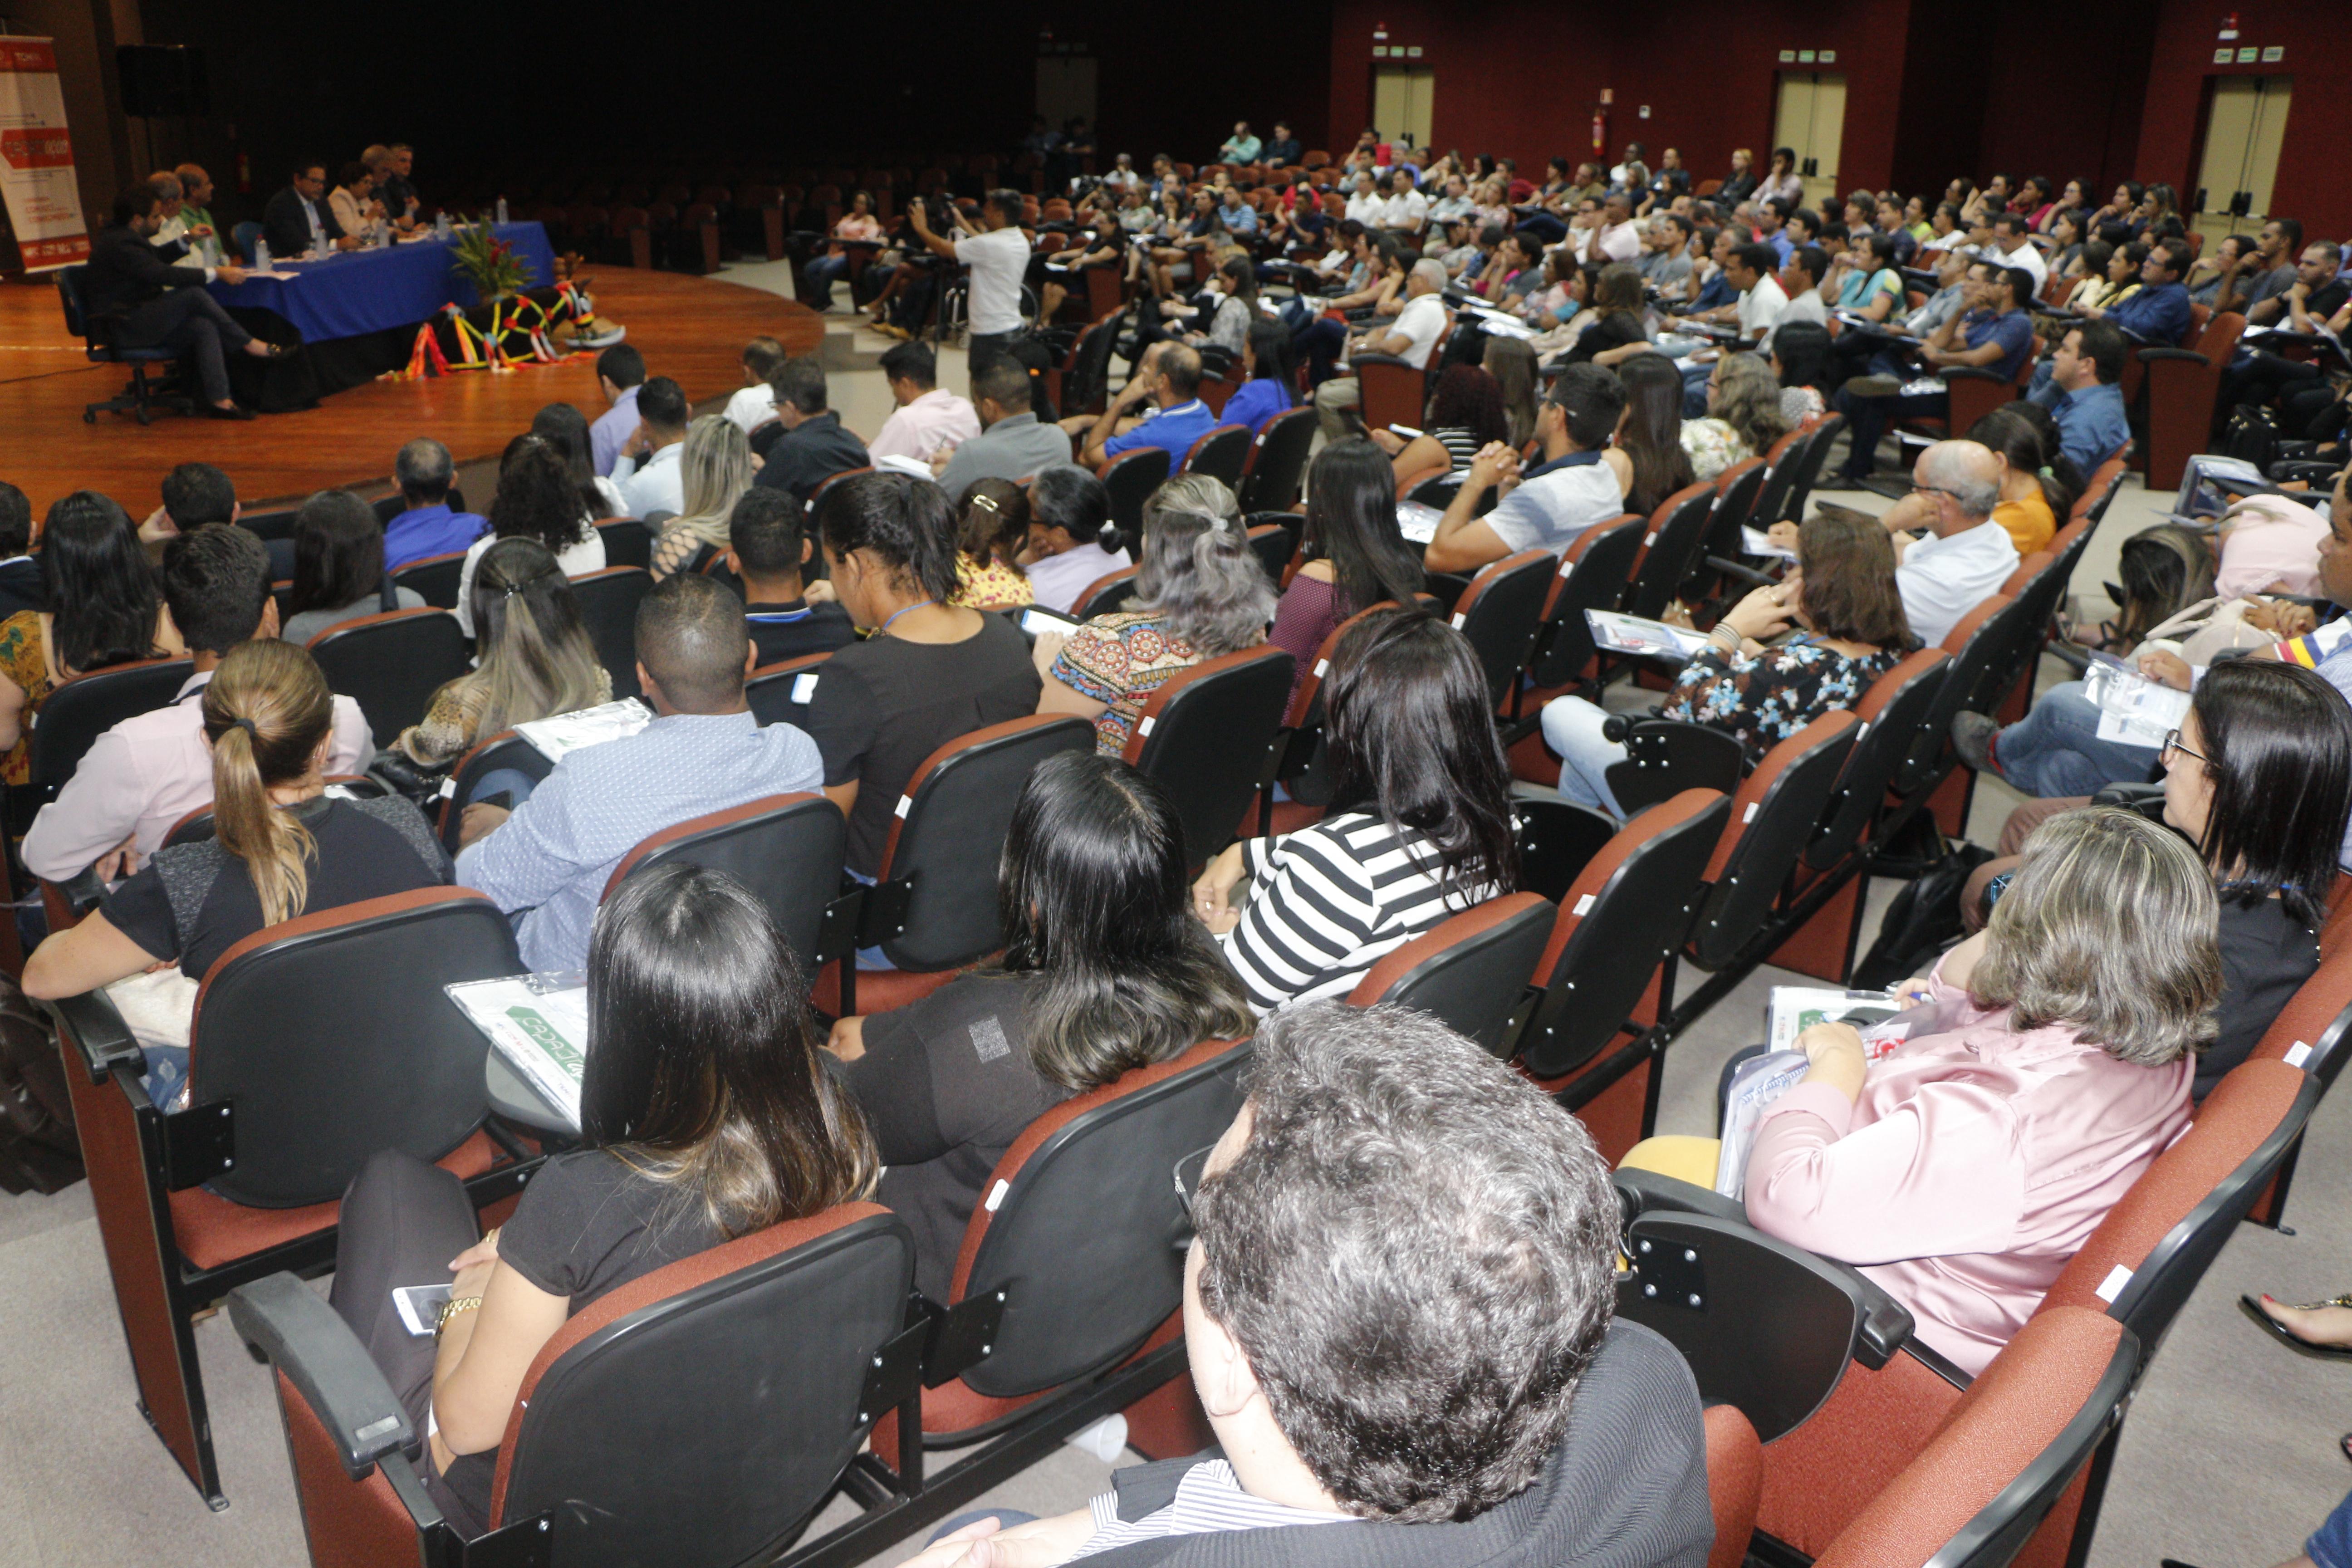 DESENVOLVIMENTO: MARABÁ SEDIA EVENTO DO TCM COM MUNICÍPIOS DA REGIÃO ARAGUAIA-TOCANTINS E DO LAGO DE TUCURUÍ